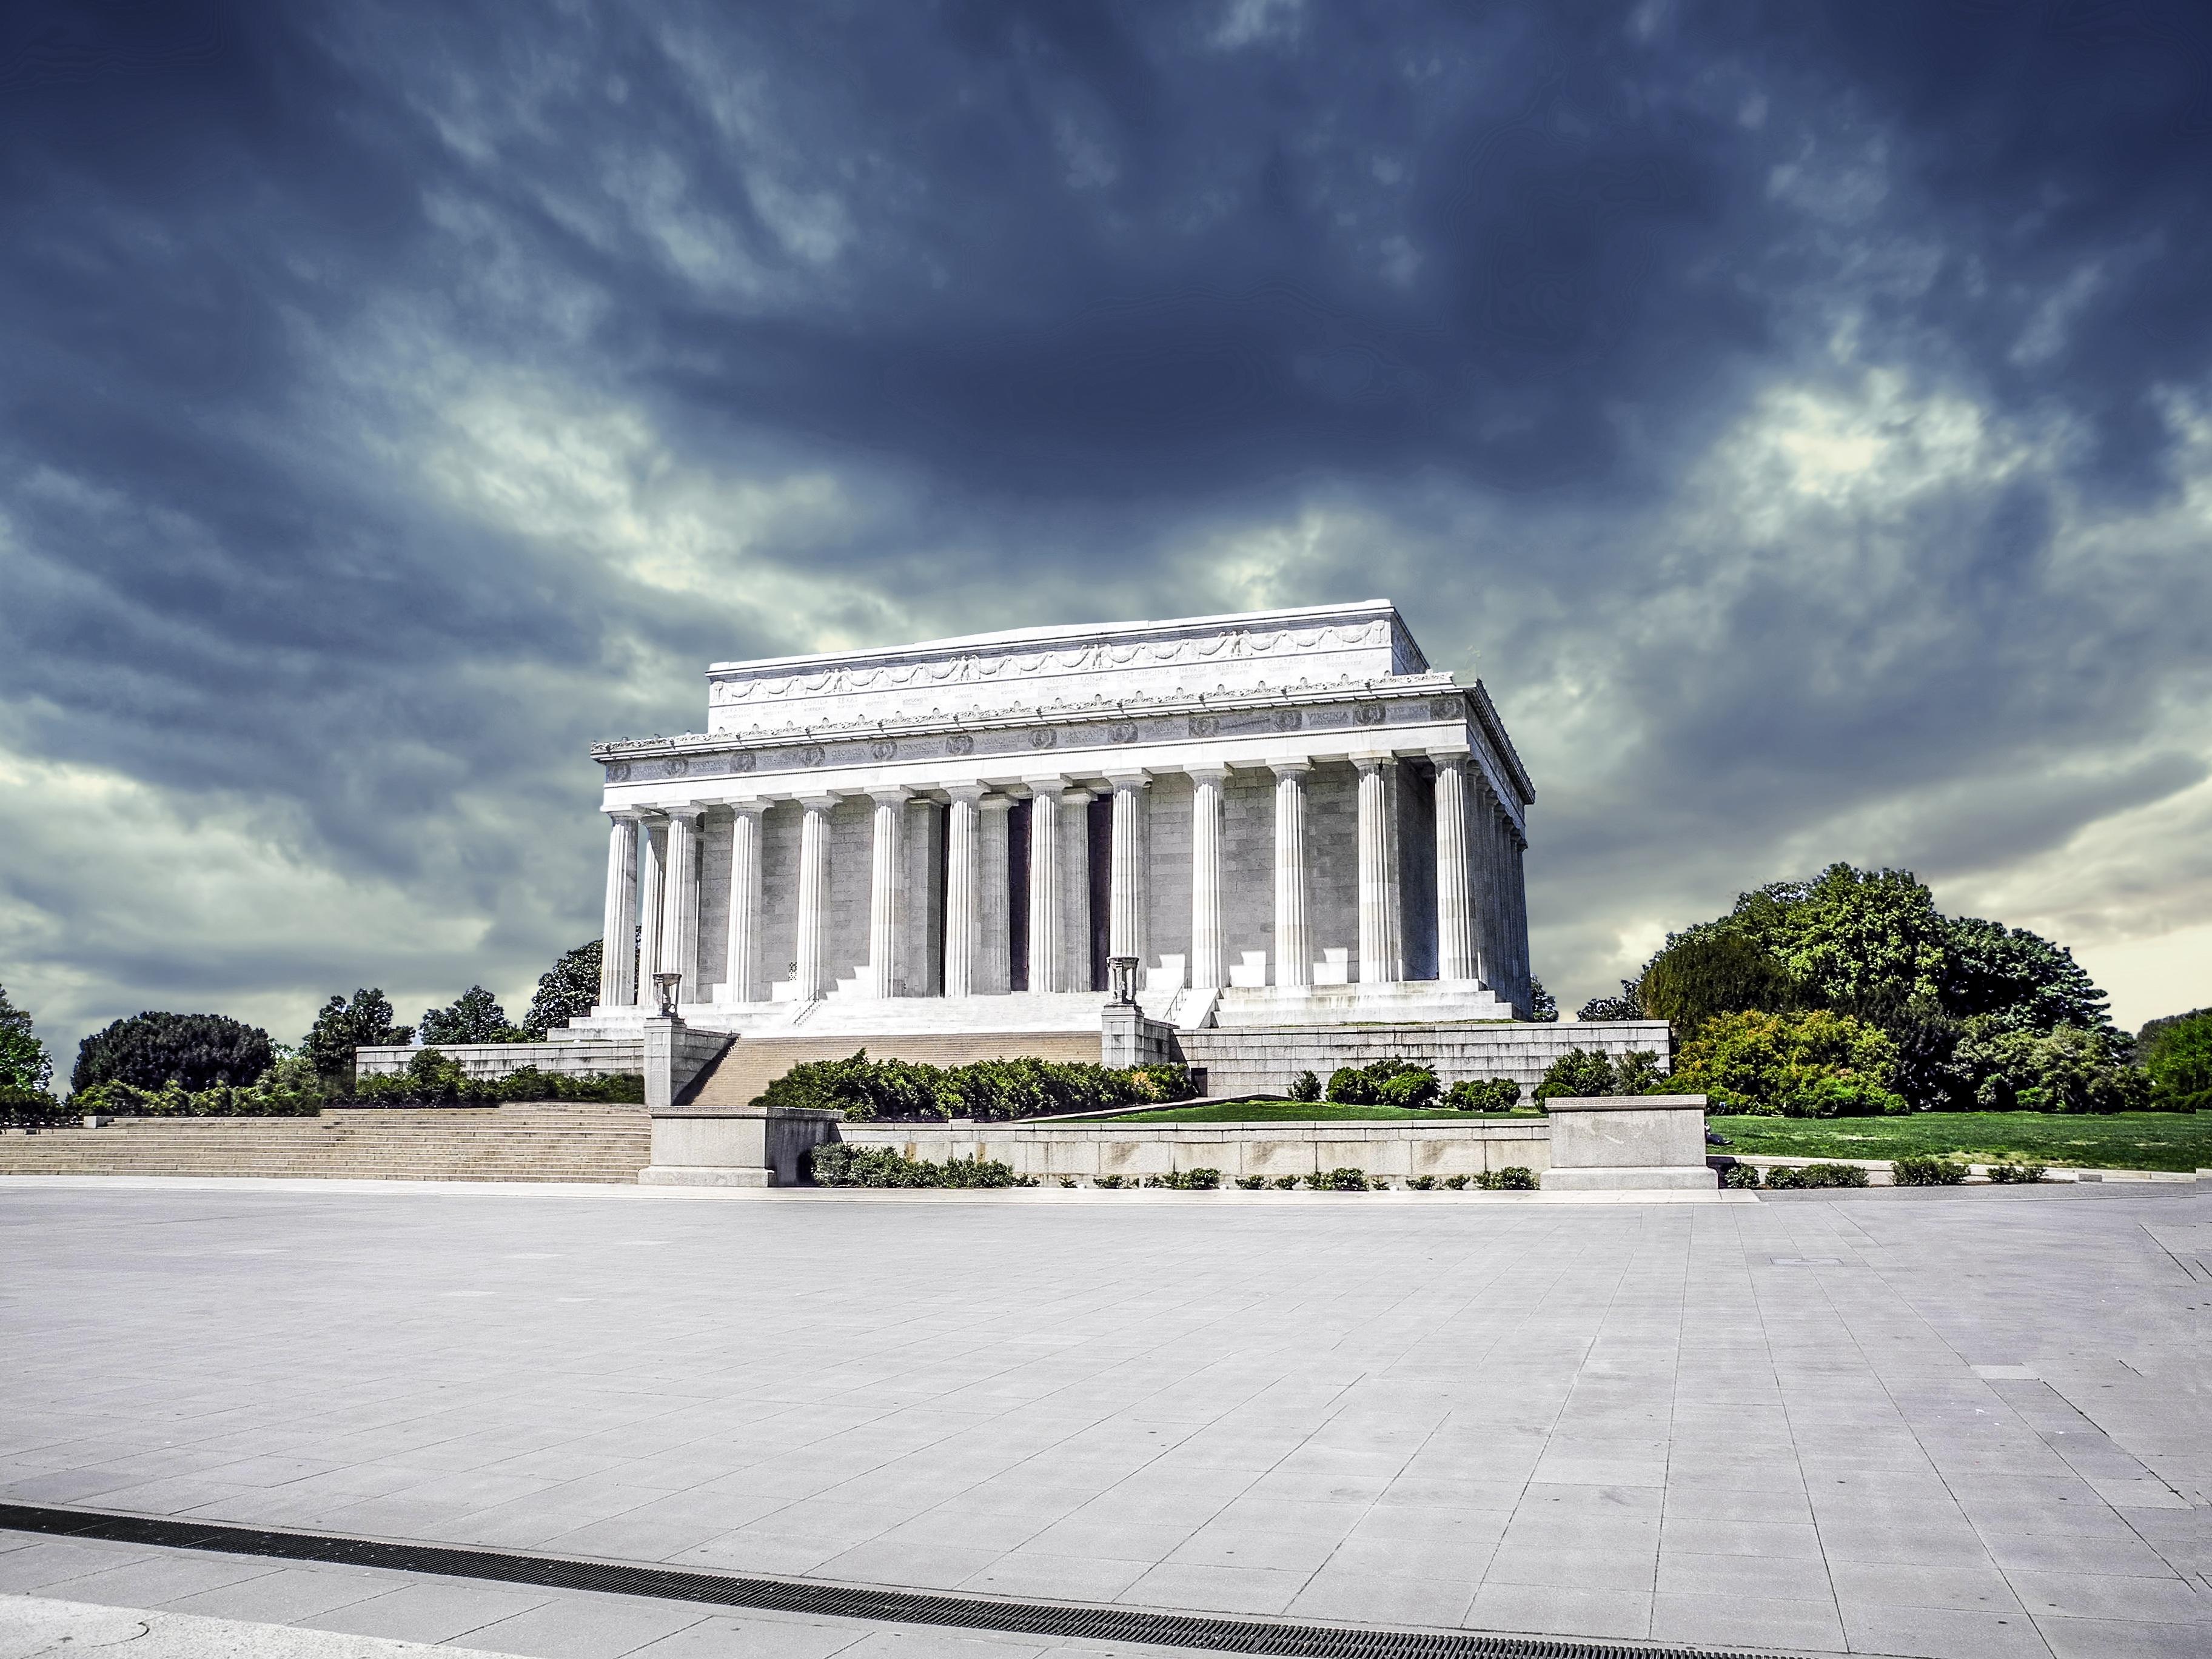 architektura struktura Dům budova město Panoráma města Spojené státy  americké Amerika mezník Washington DC hlavní město c51ffccf09